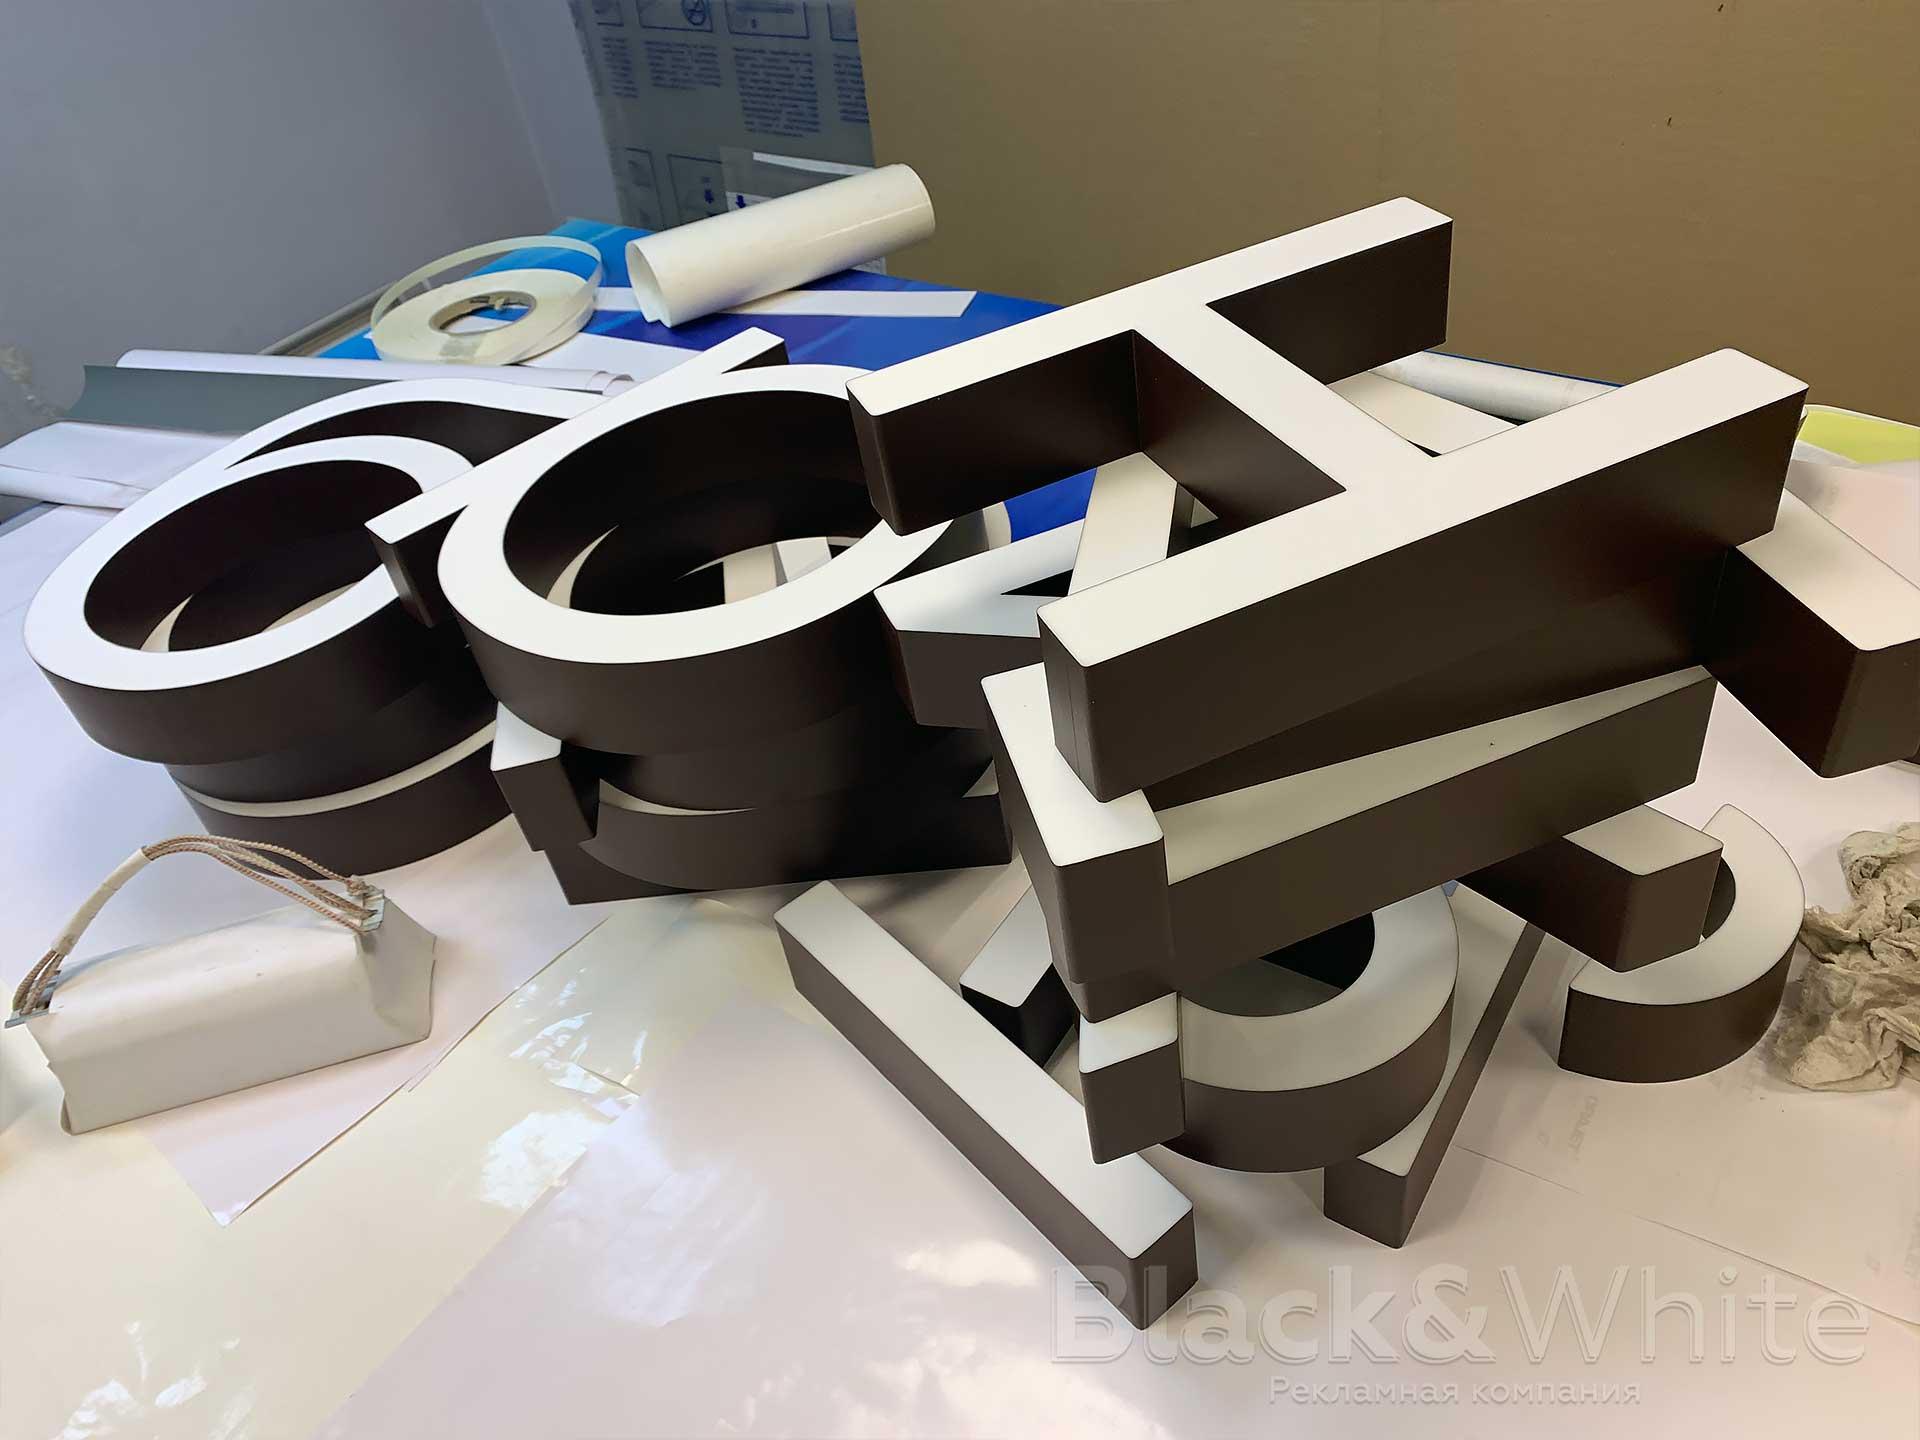 Изготовление-вывески-для-свадебного-салона-в-Красноярске-объёмные-световые-буквы-и-Композитный-короб-с-инкрустацией.jpg